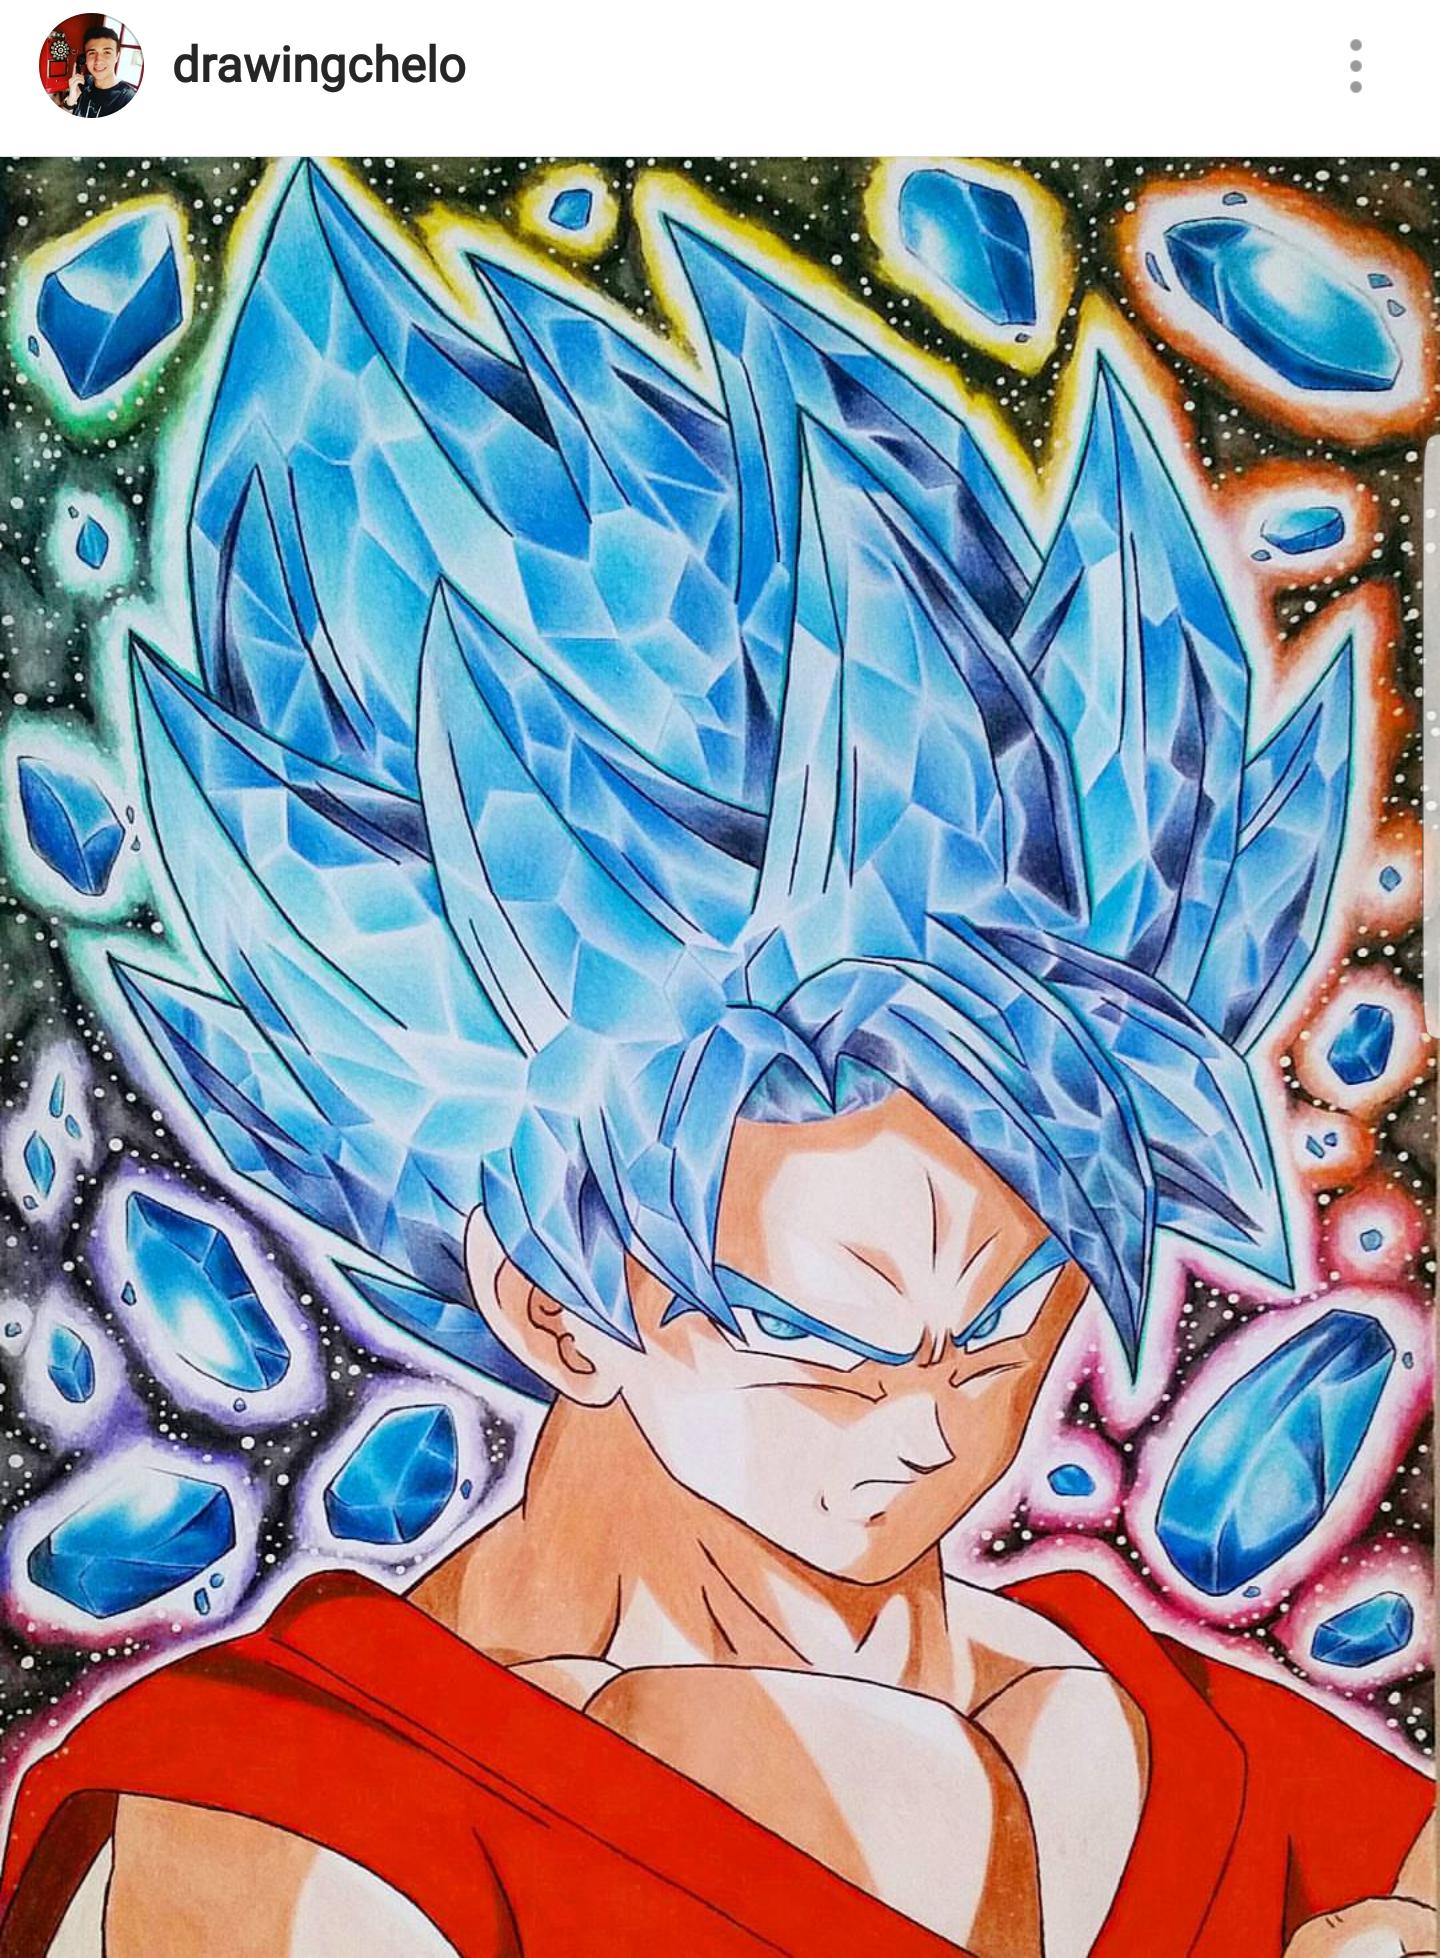 Ssb Goku Anime Dragon Ball Super Dragon Ball Art Dragon Ball Goku